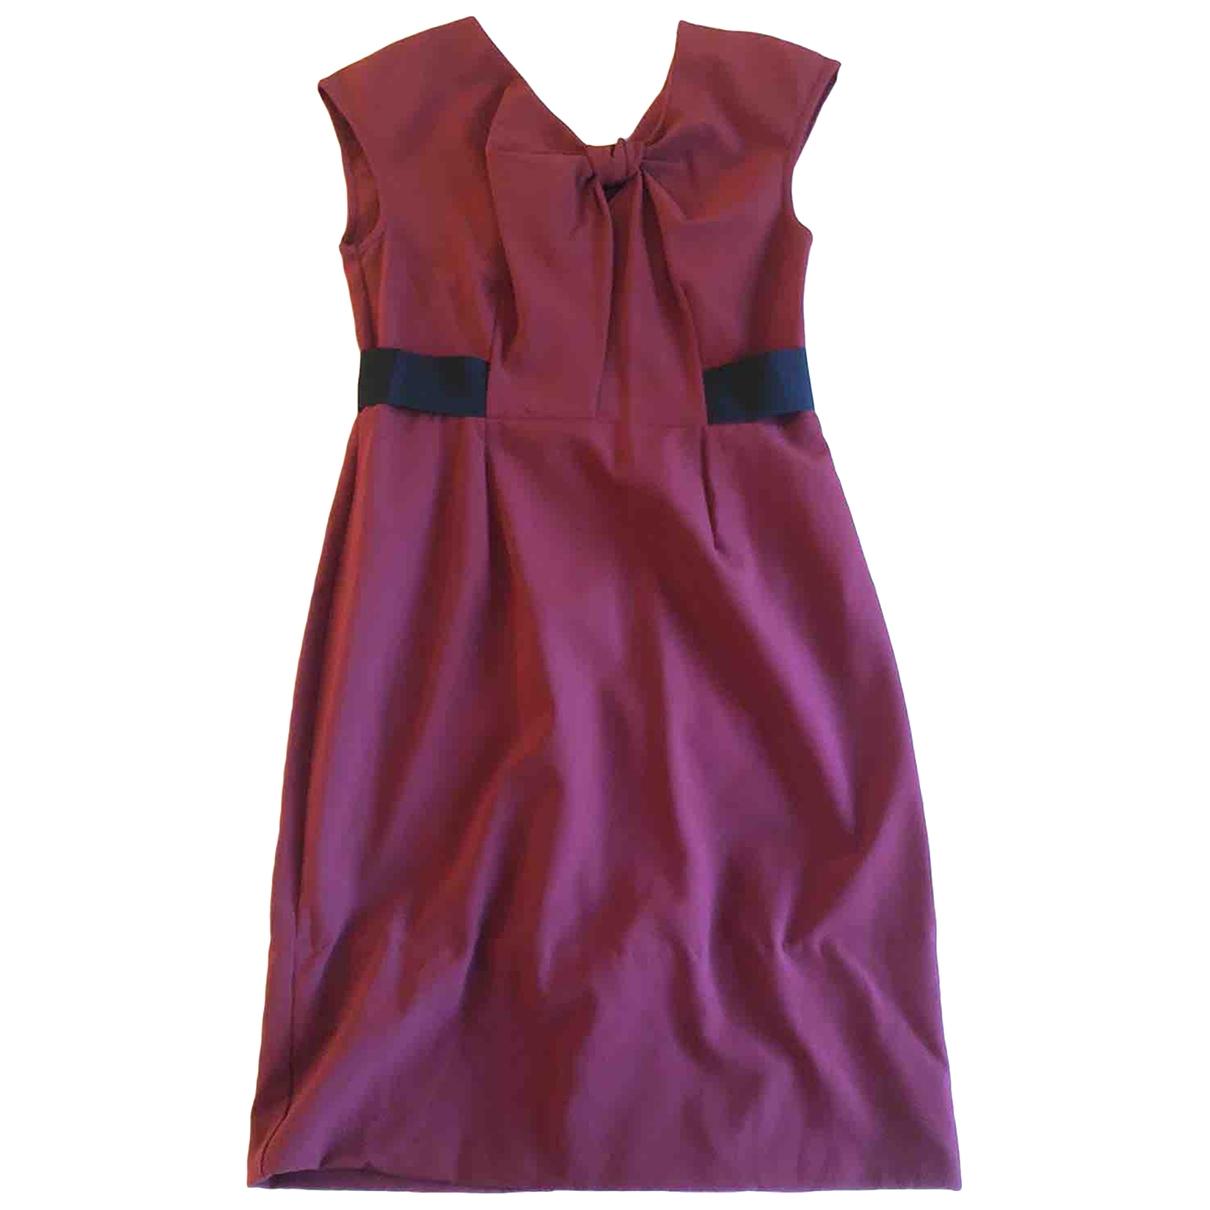 Asos - Robe   pour femme - bordeaux